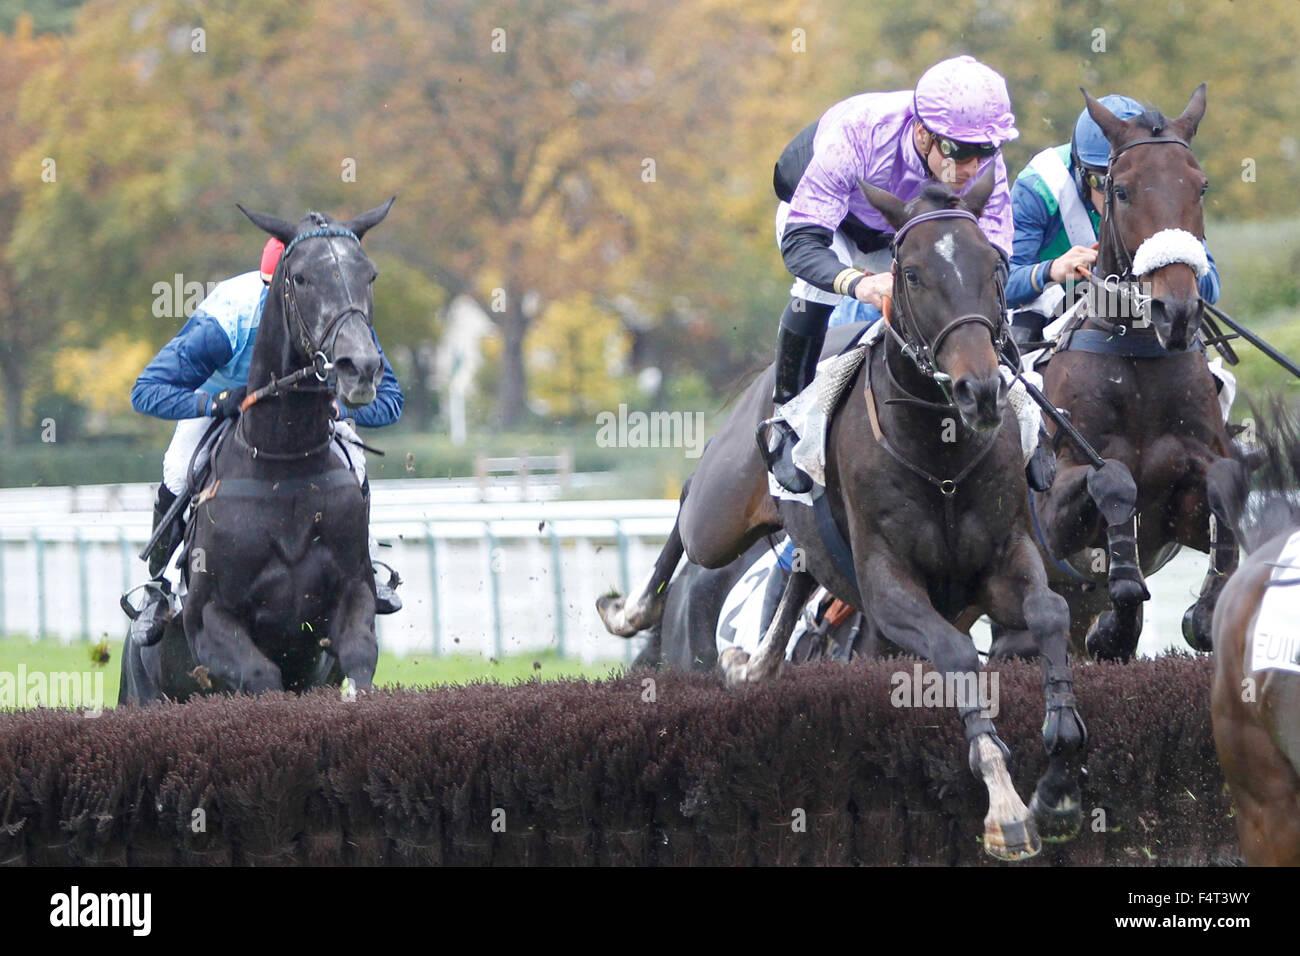 Auteuil Racecourse Paris France 22nd Oct 2015 Prix Mid Dancer